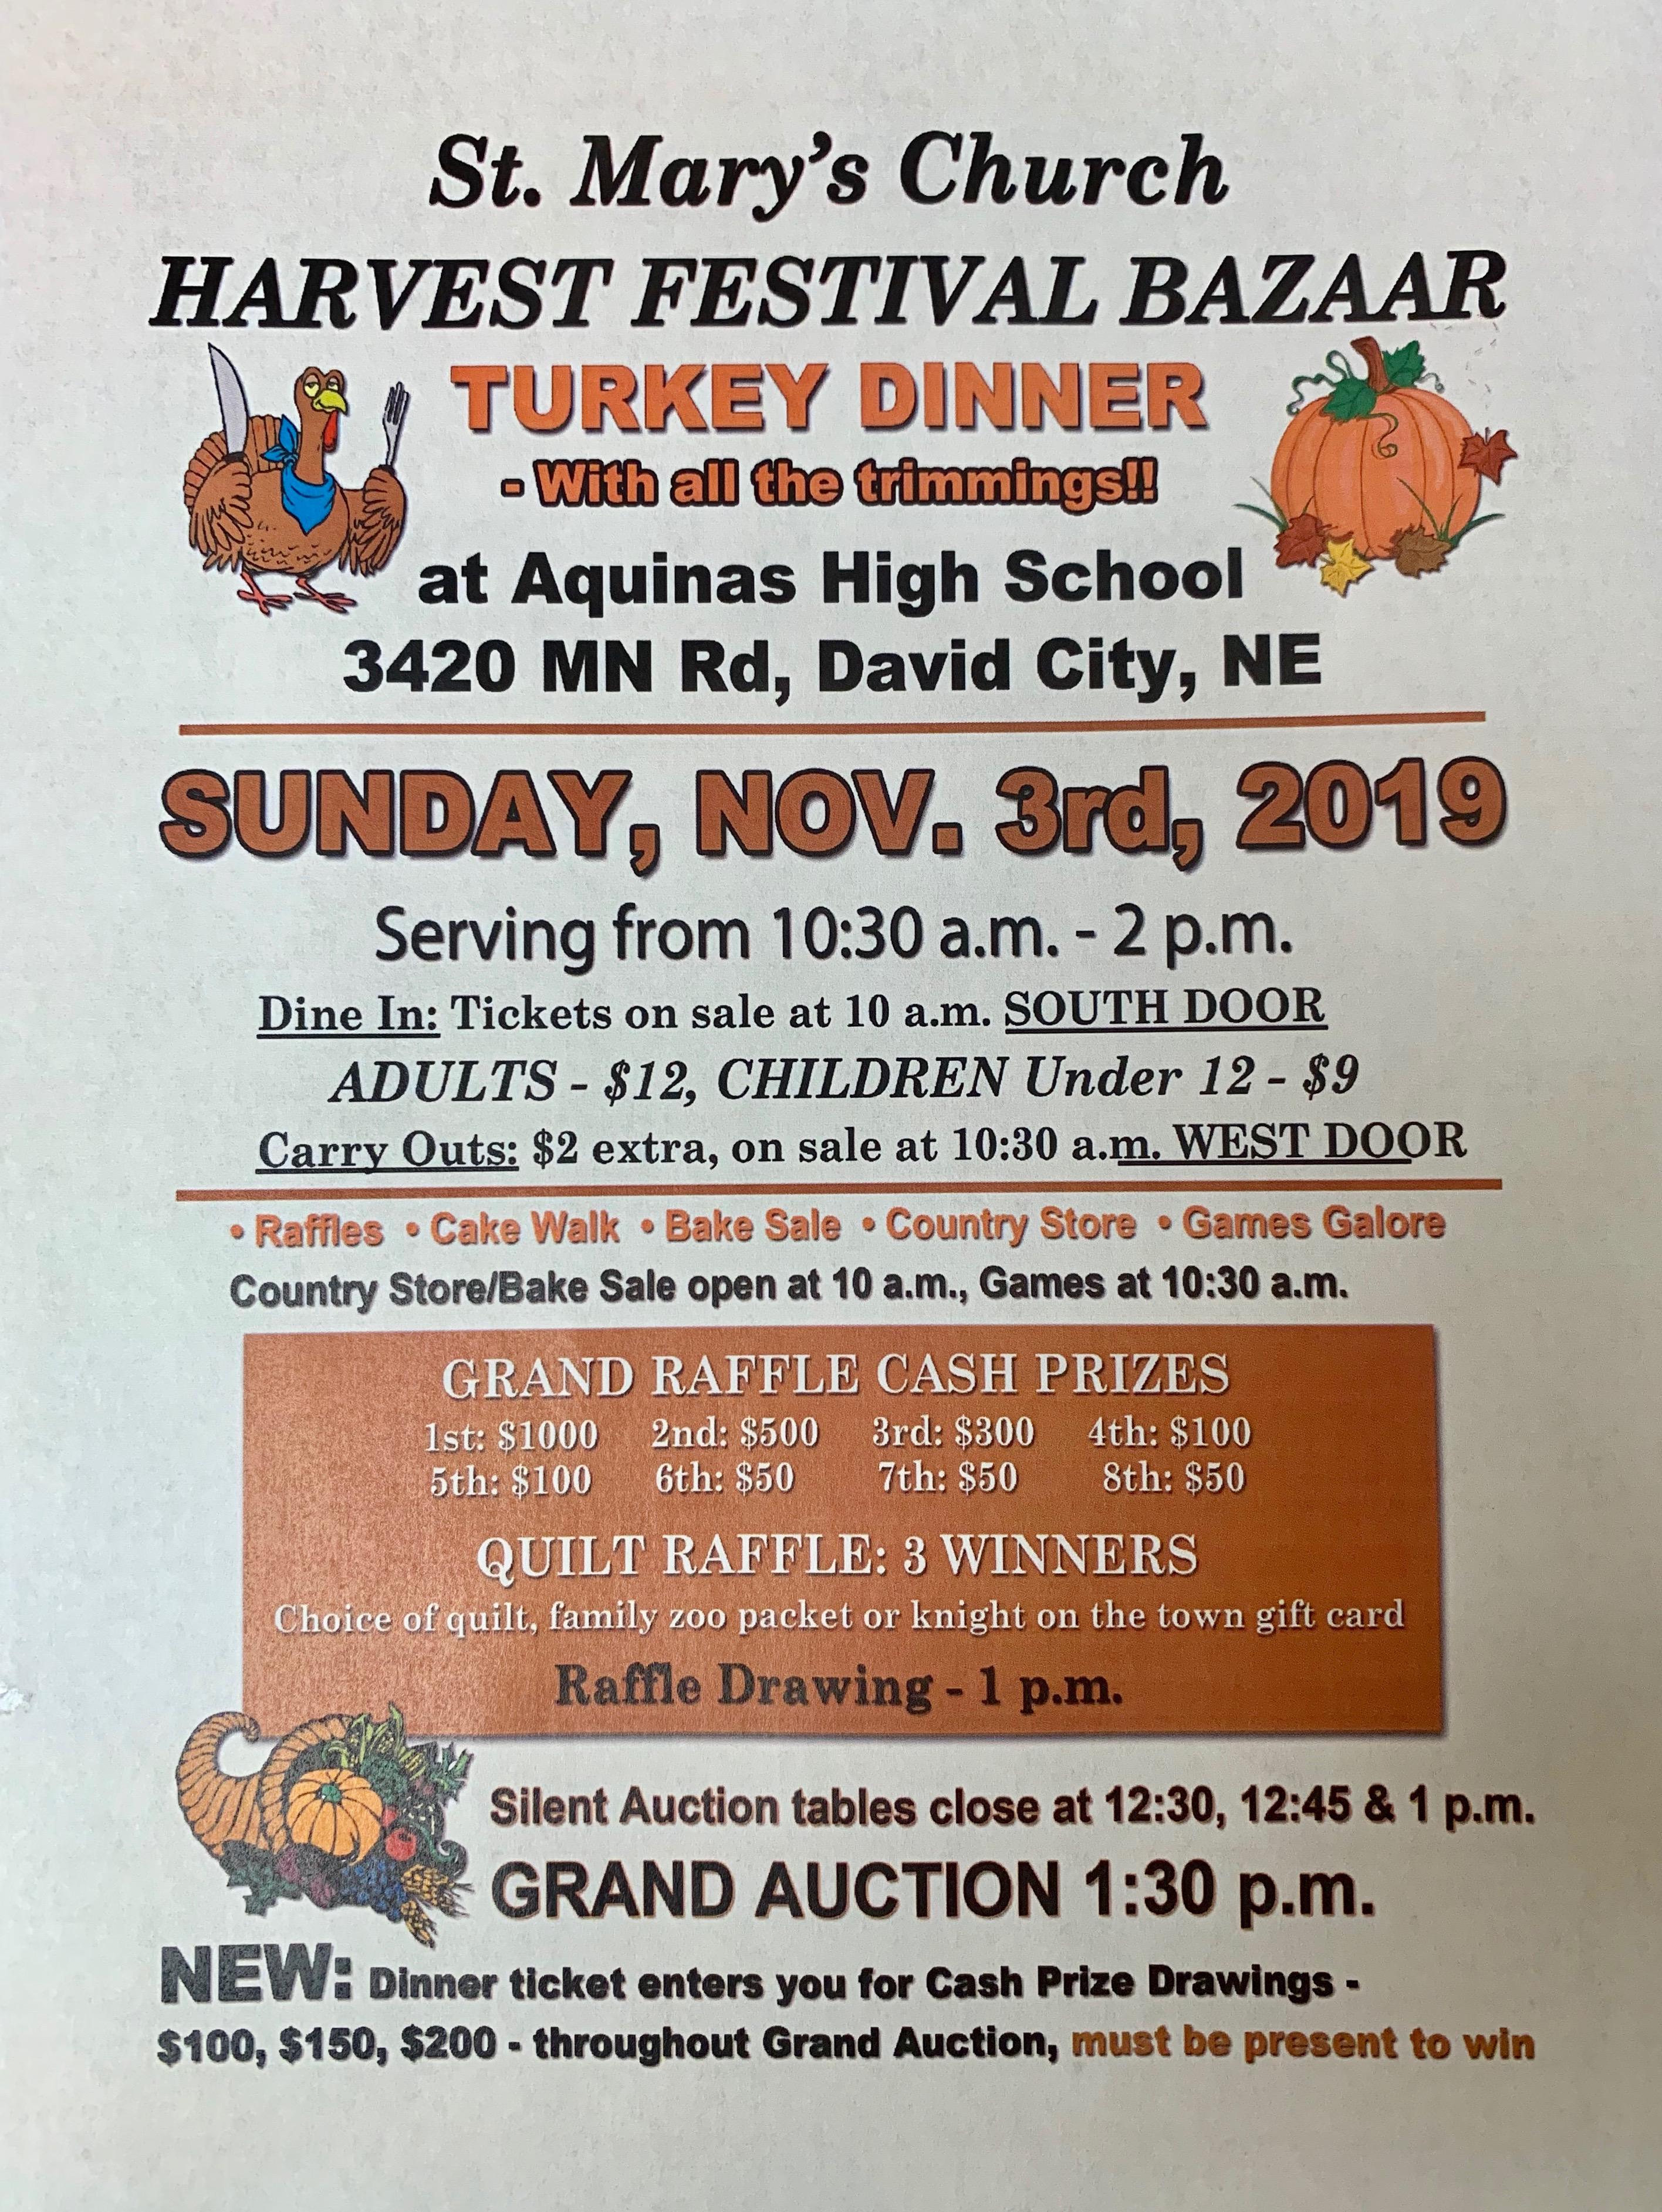 St. Mary's Church - Harvest Festival Bazaar